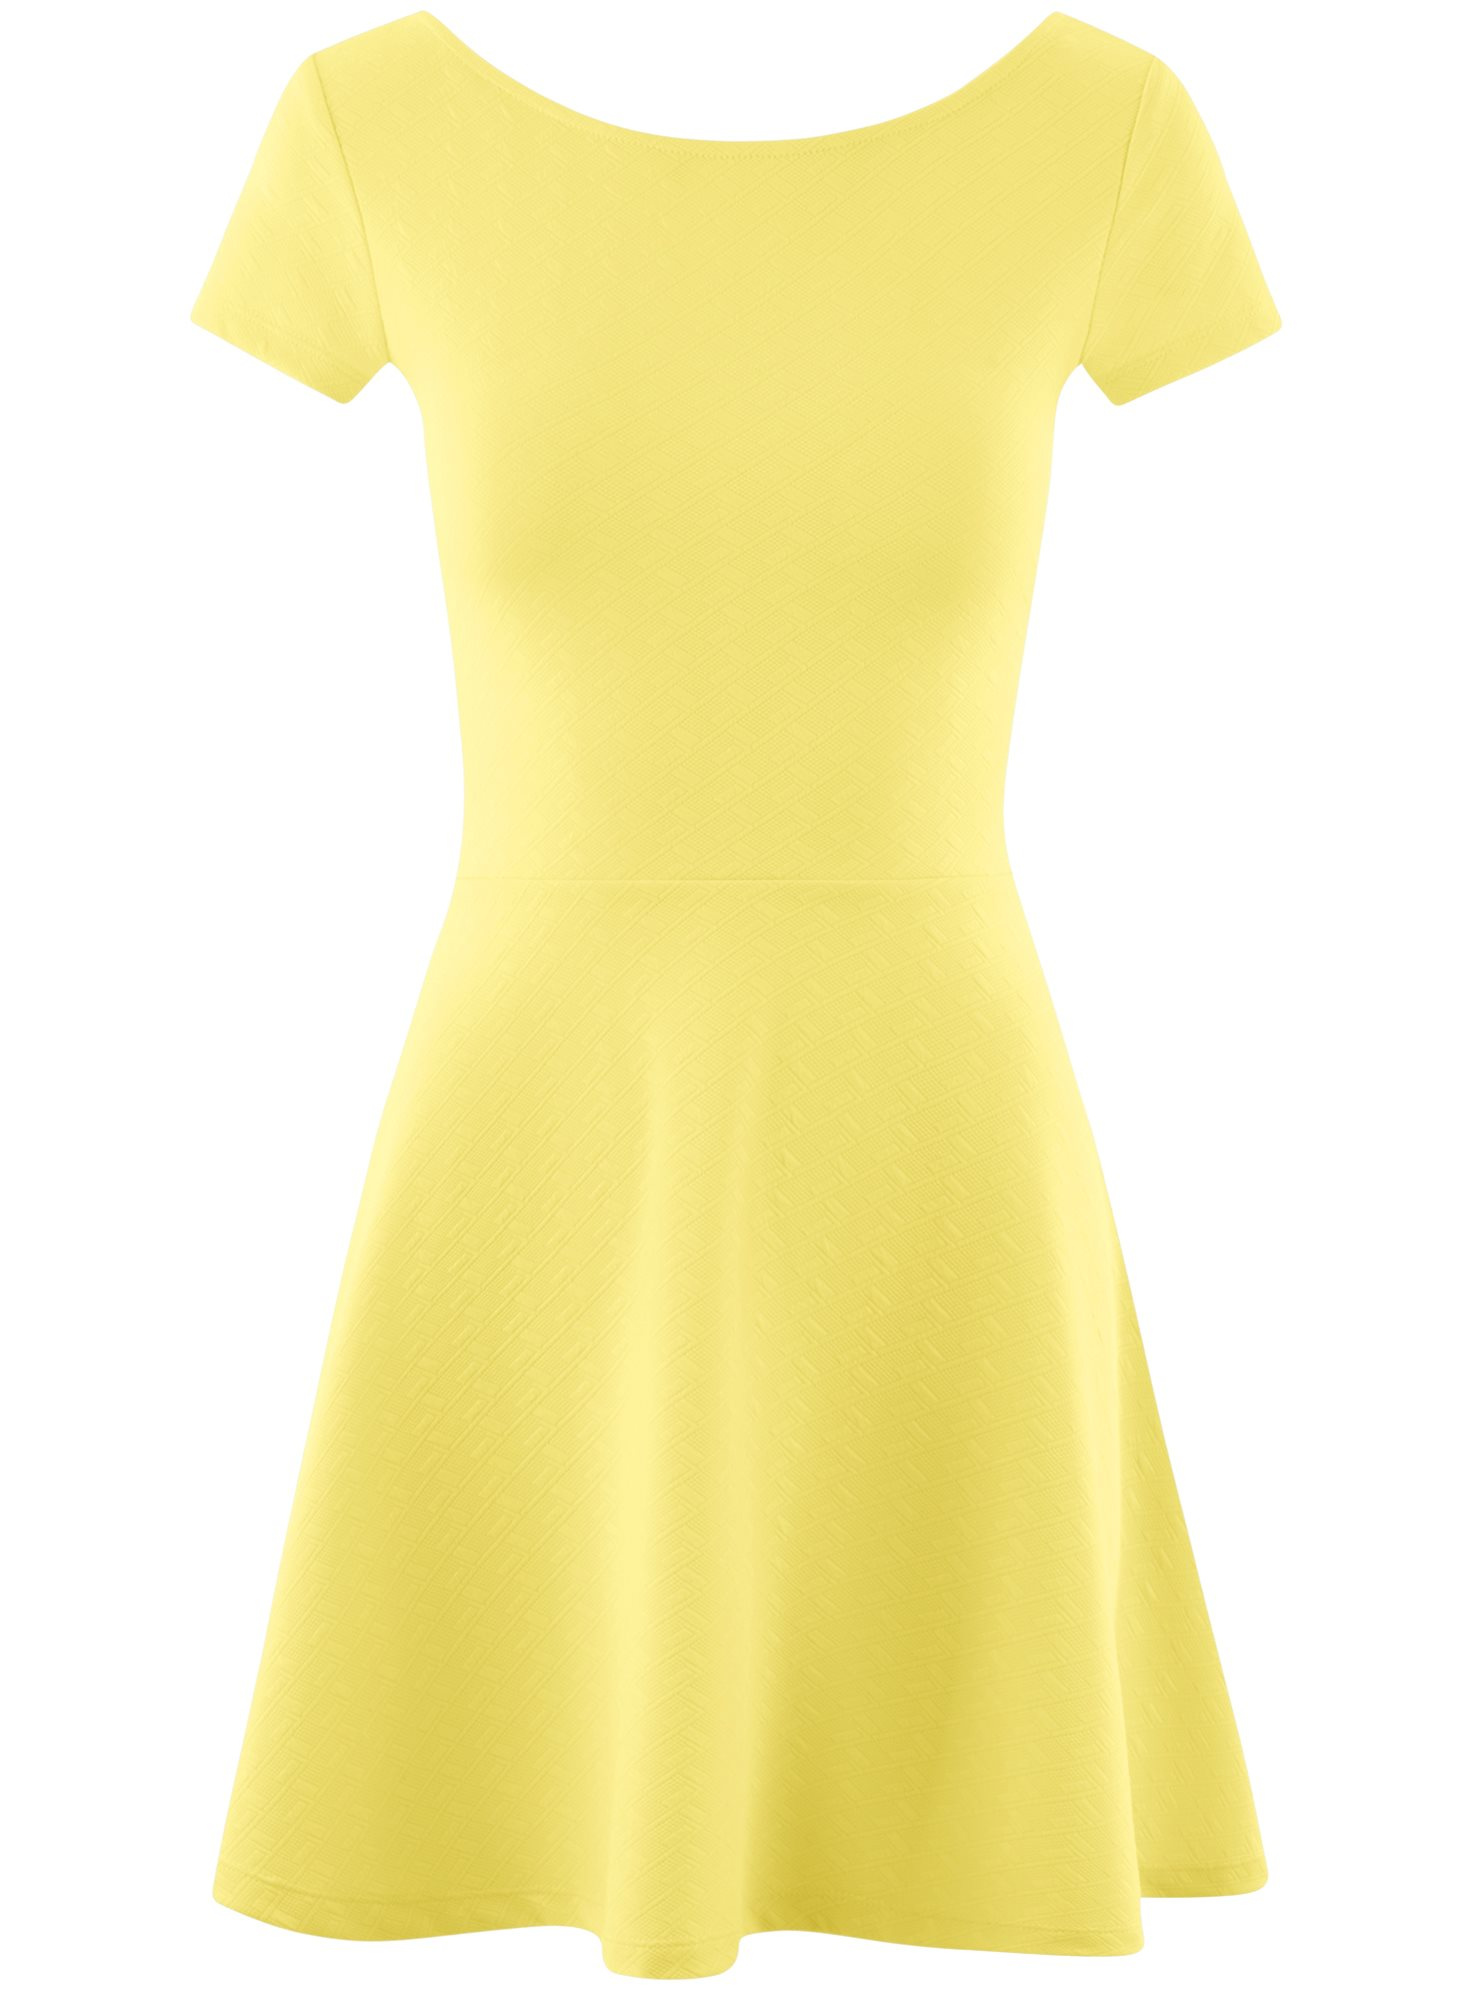 Платье приталенное с V-образным вырезом на спине oodji для женщины (желтый), 14011034B/42588/5001N